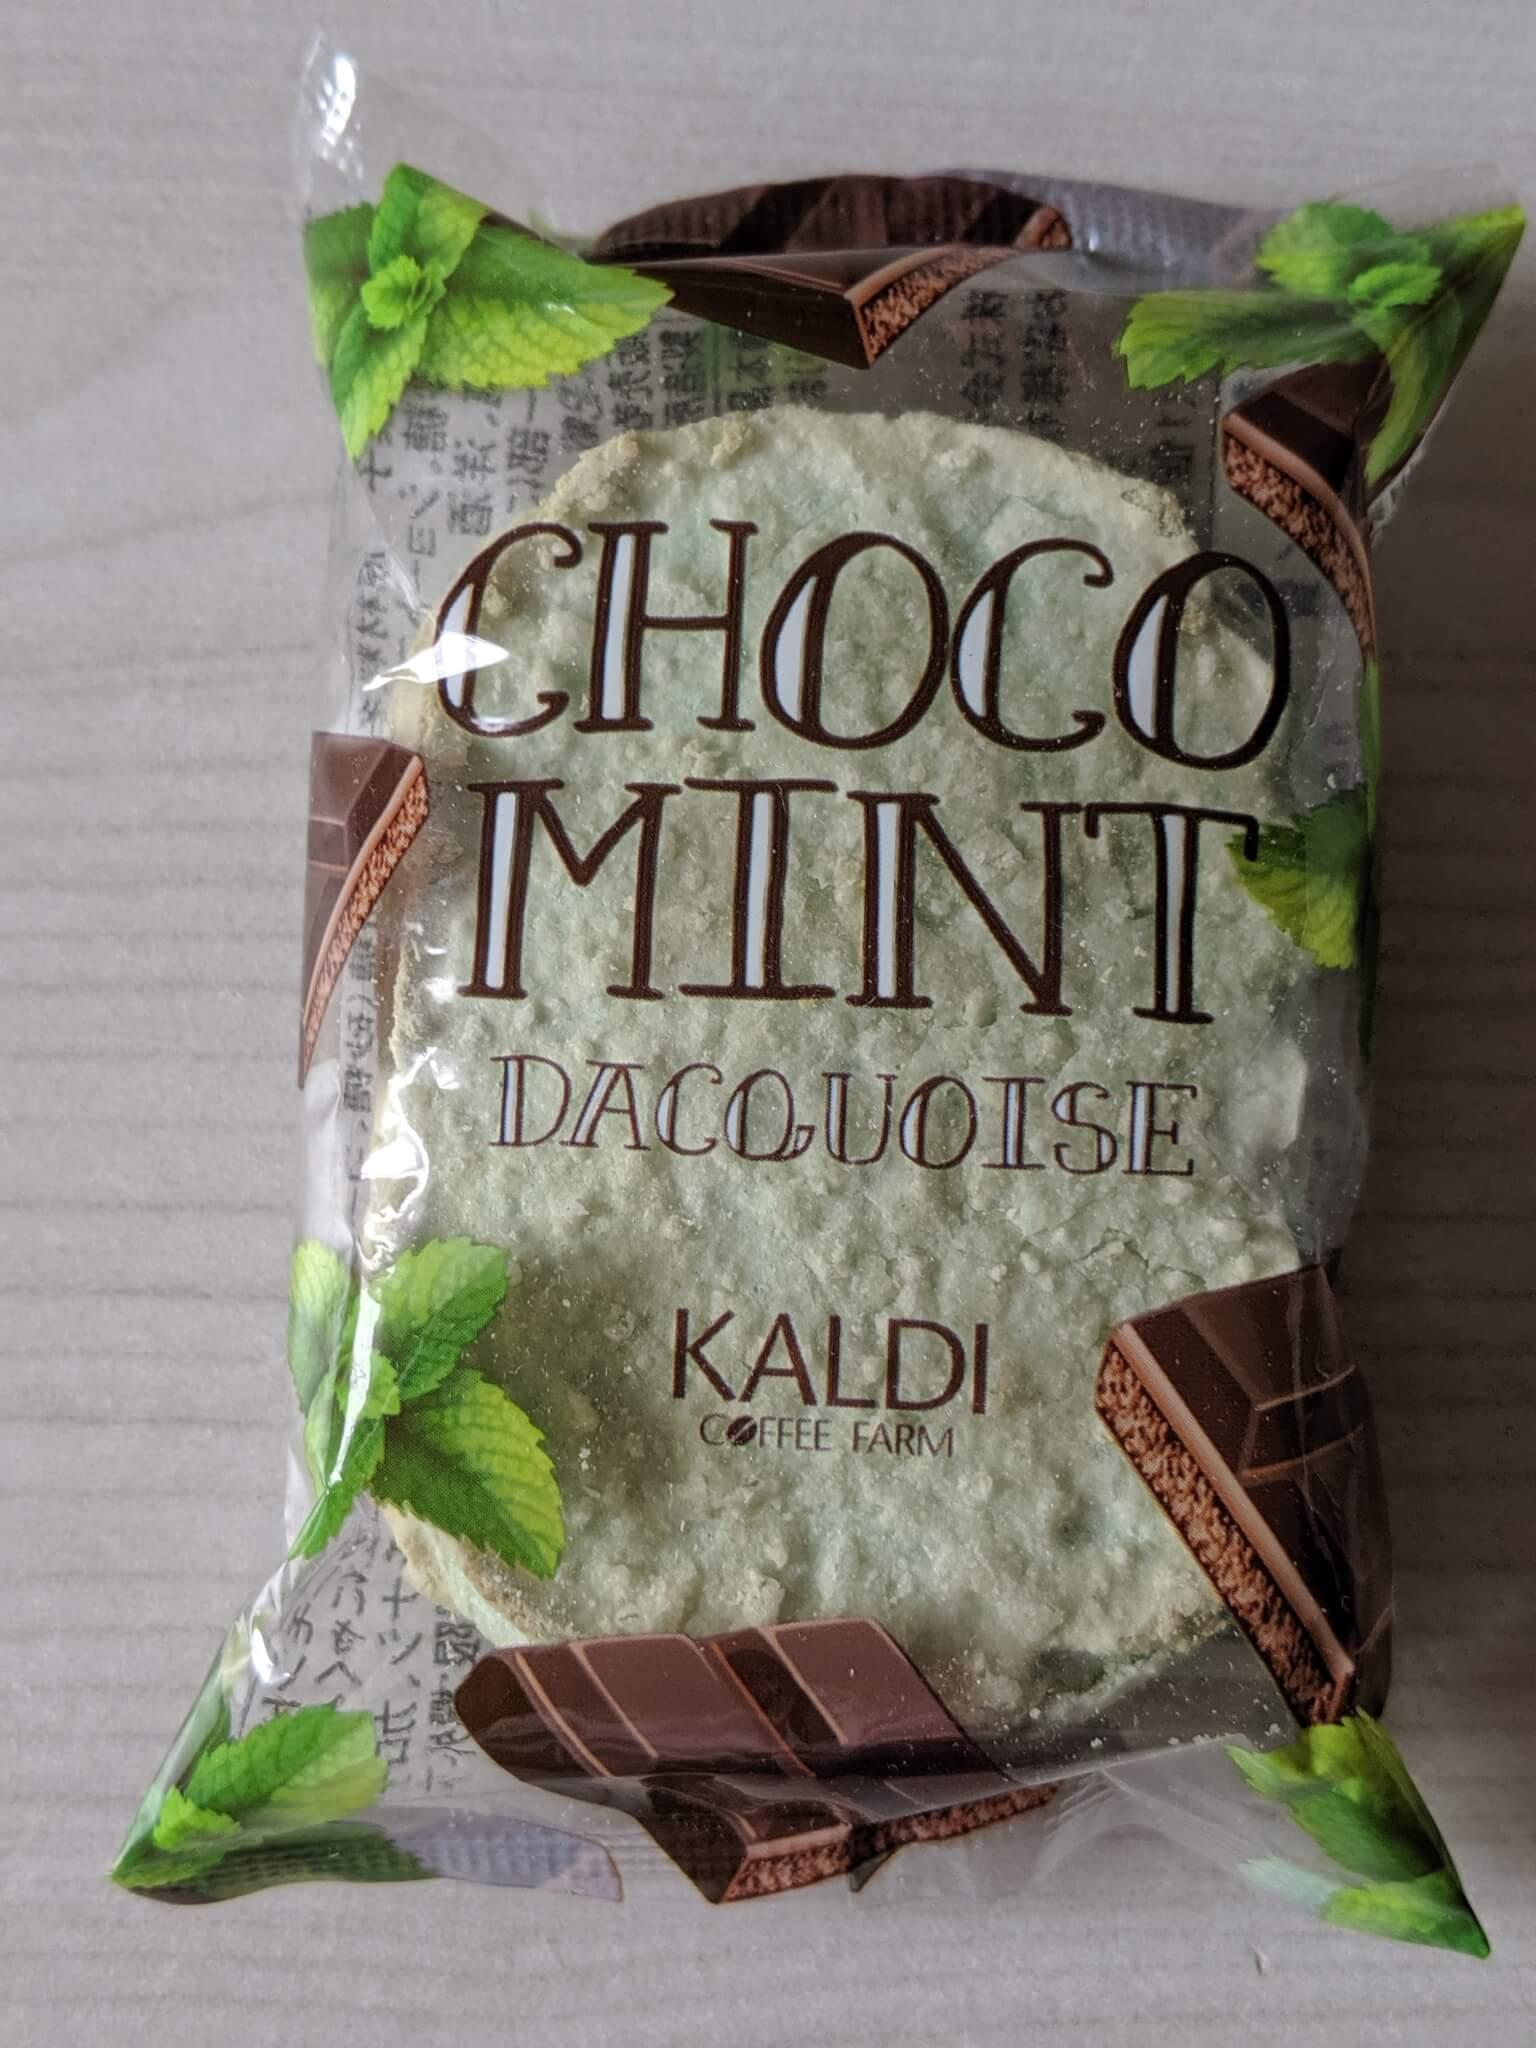 カルディのチョコミントダックワーズ